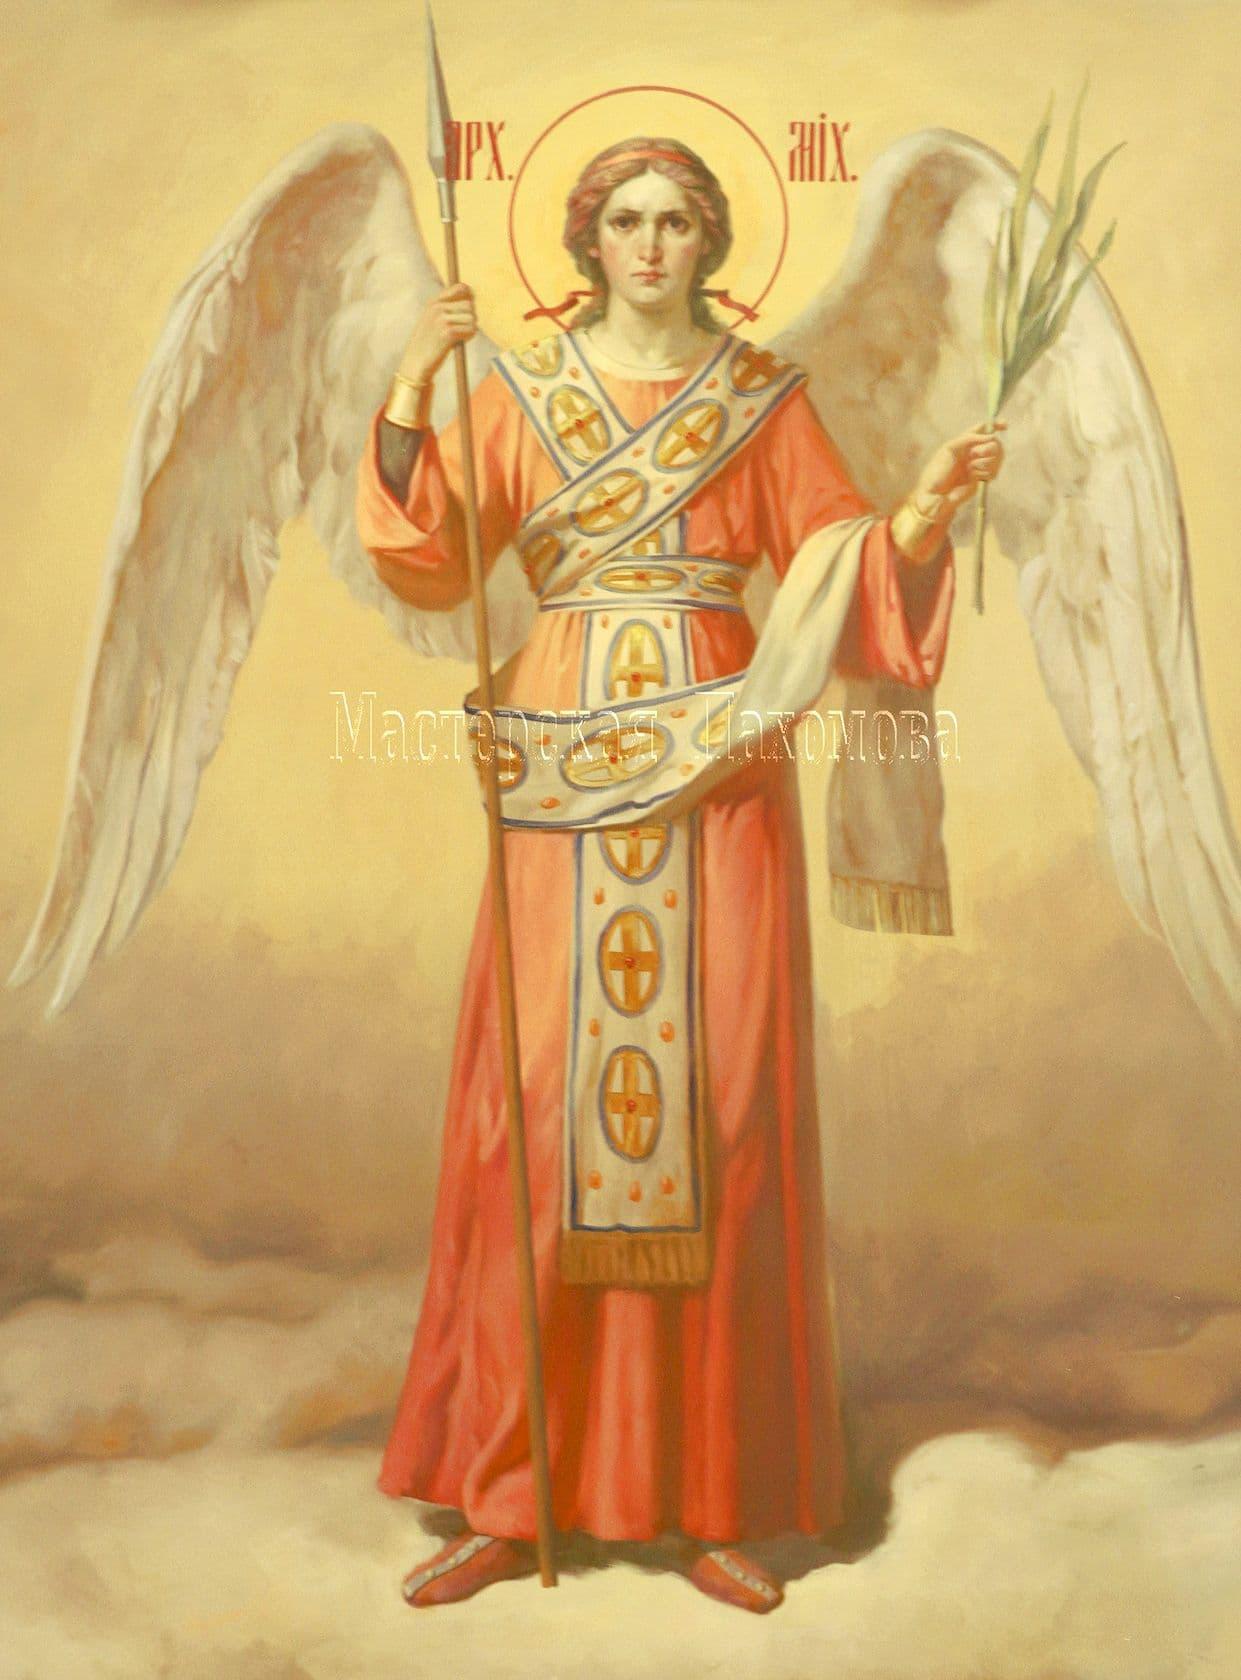 Икона Архангела Михаила. Академический стиль росписи храма